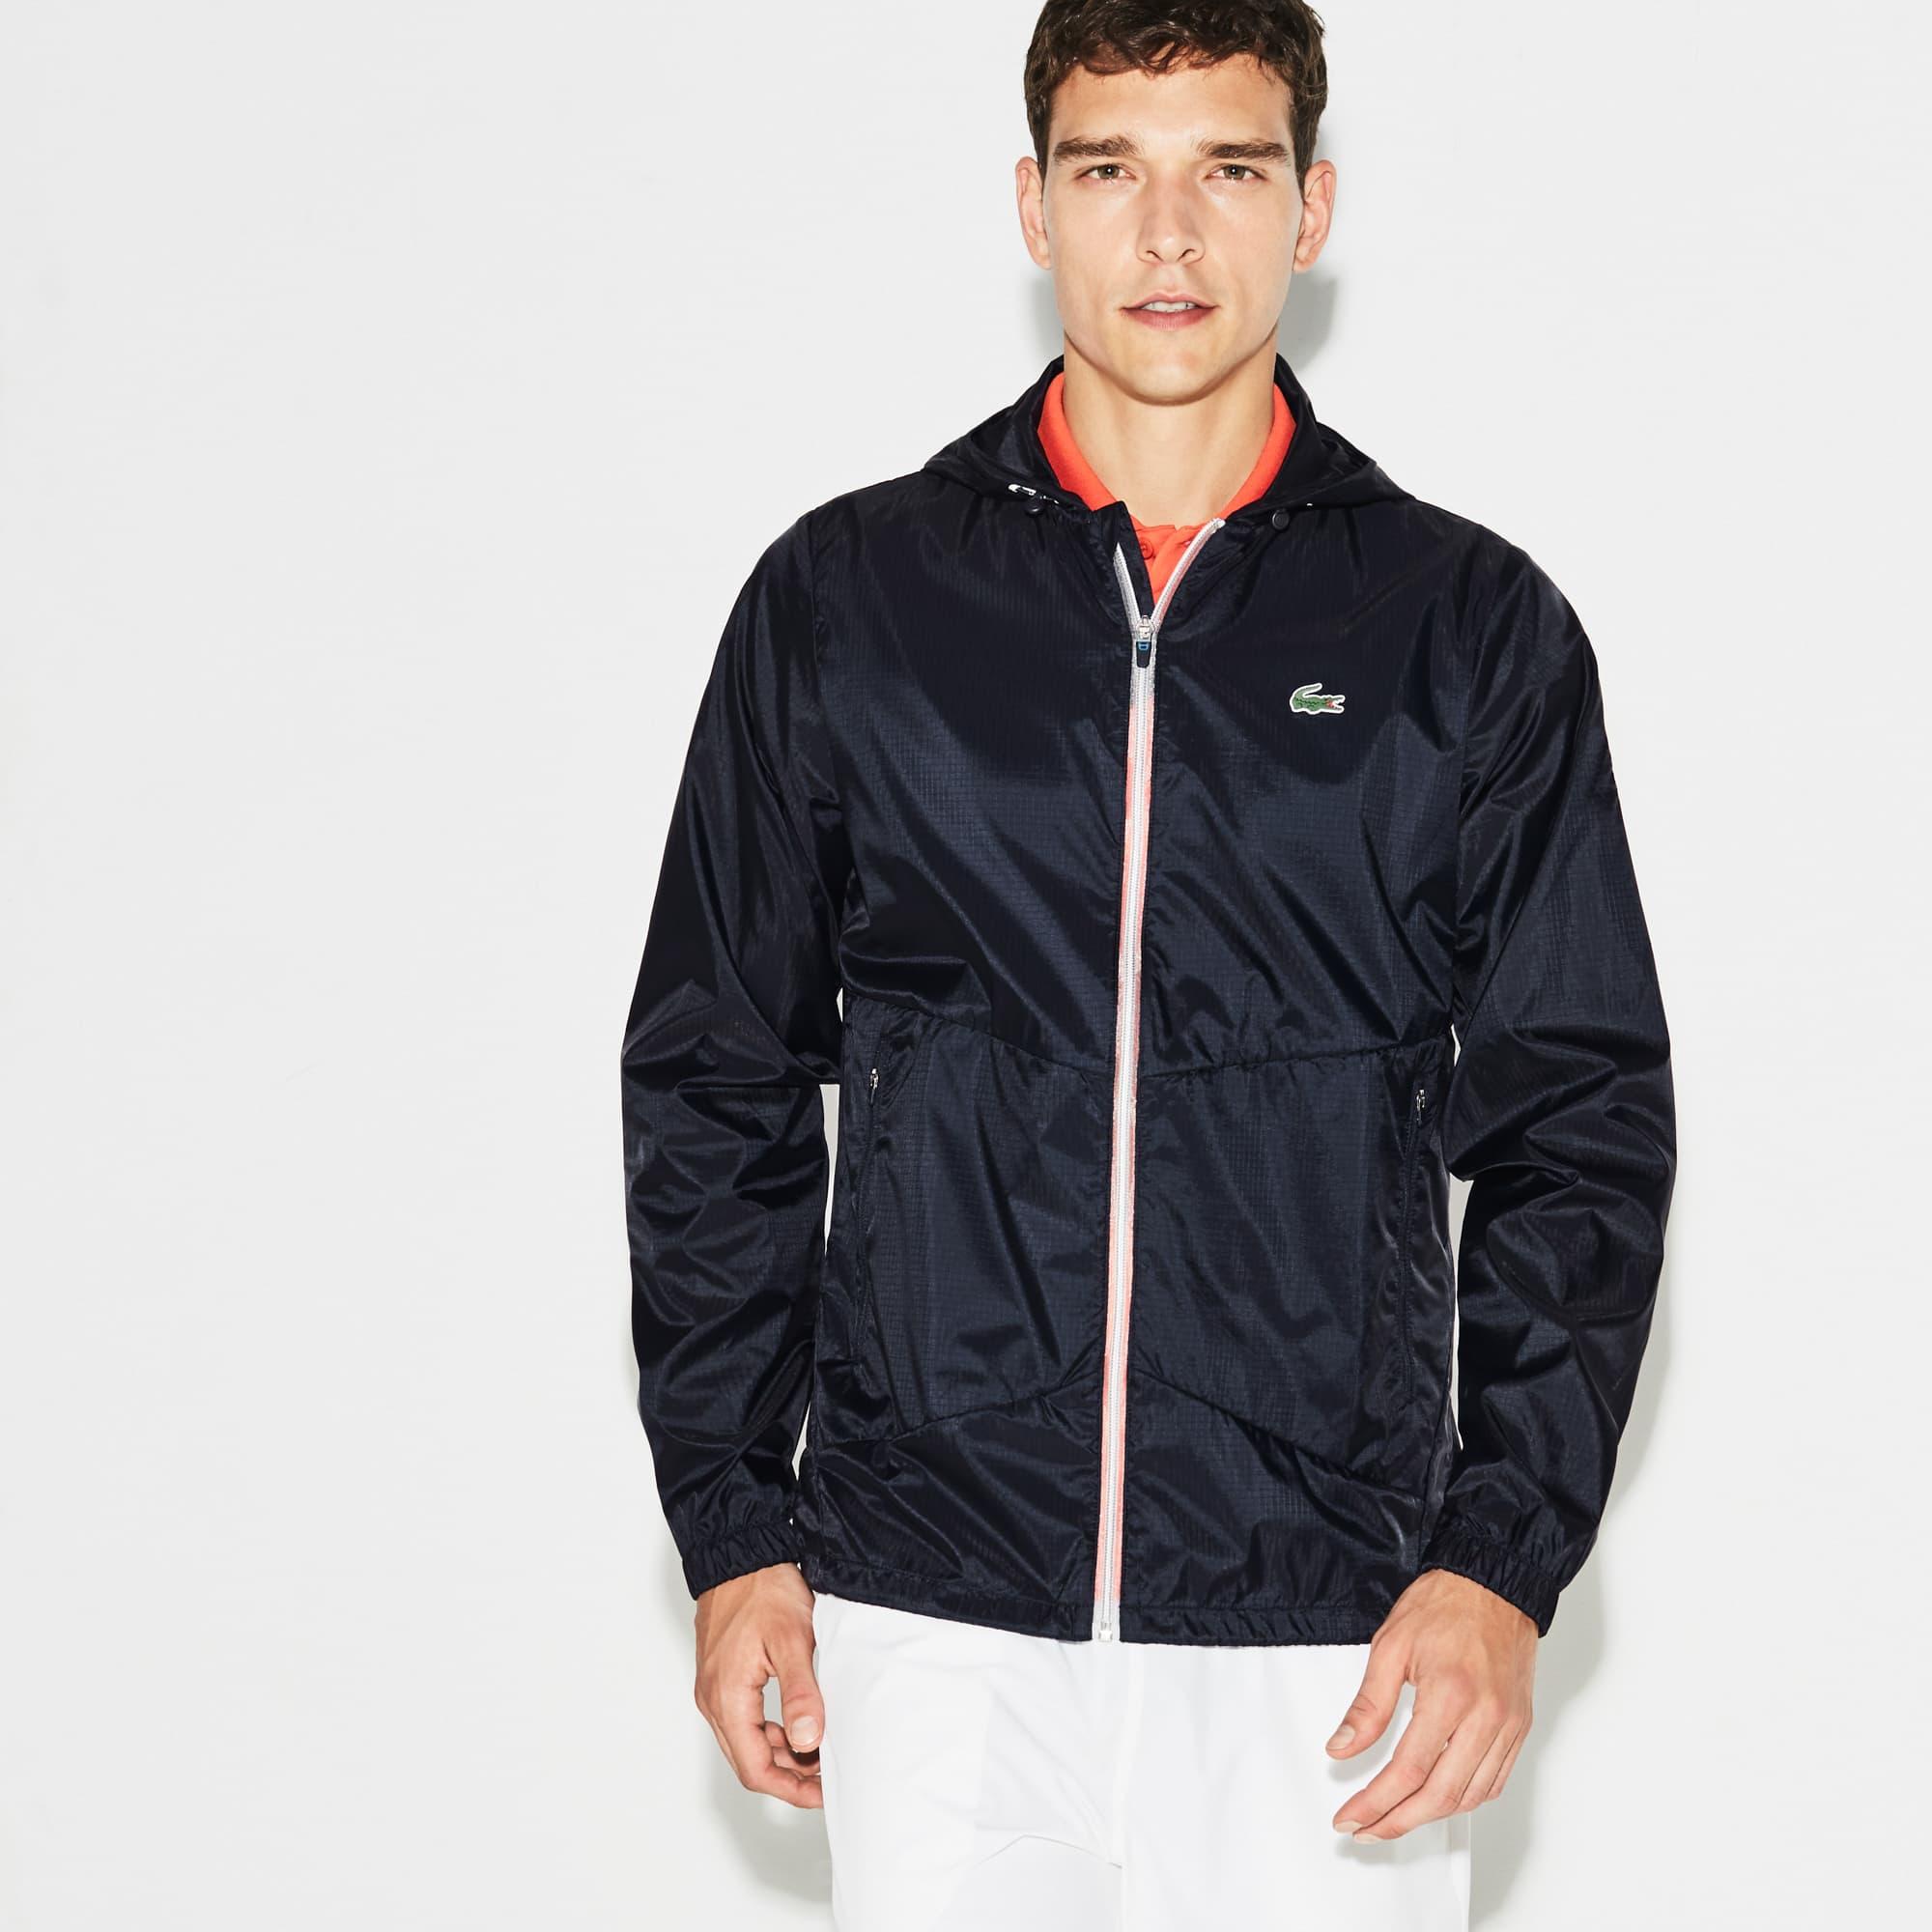 Jacket voor Novak Djokovic uit de Lacoste Collectie - Exclusieve Gravel Editie